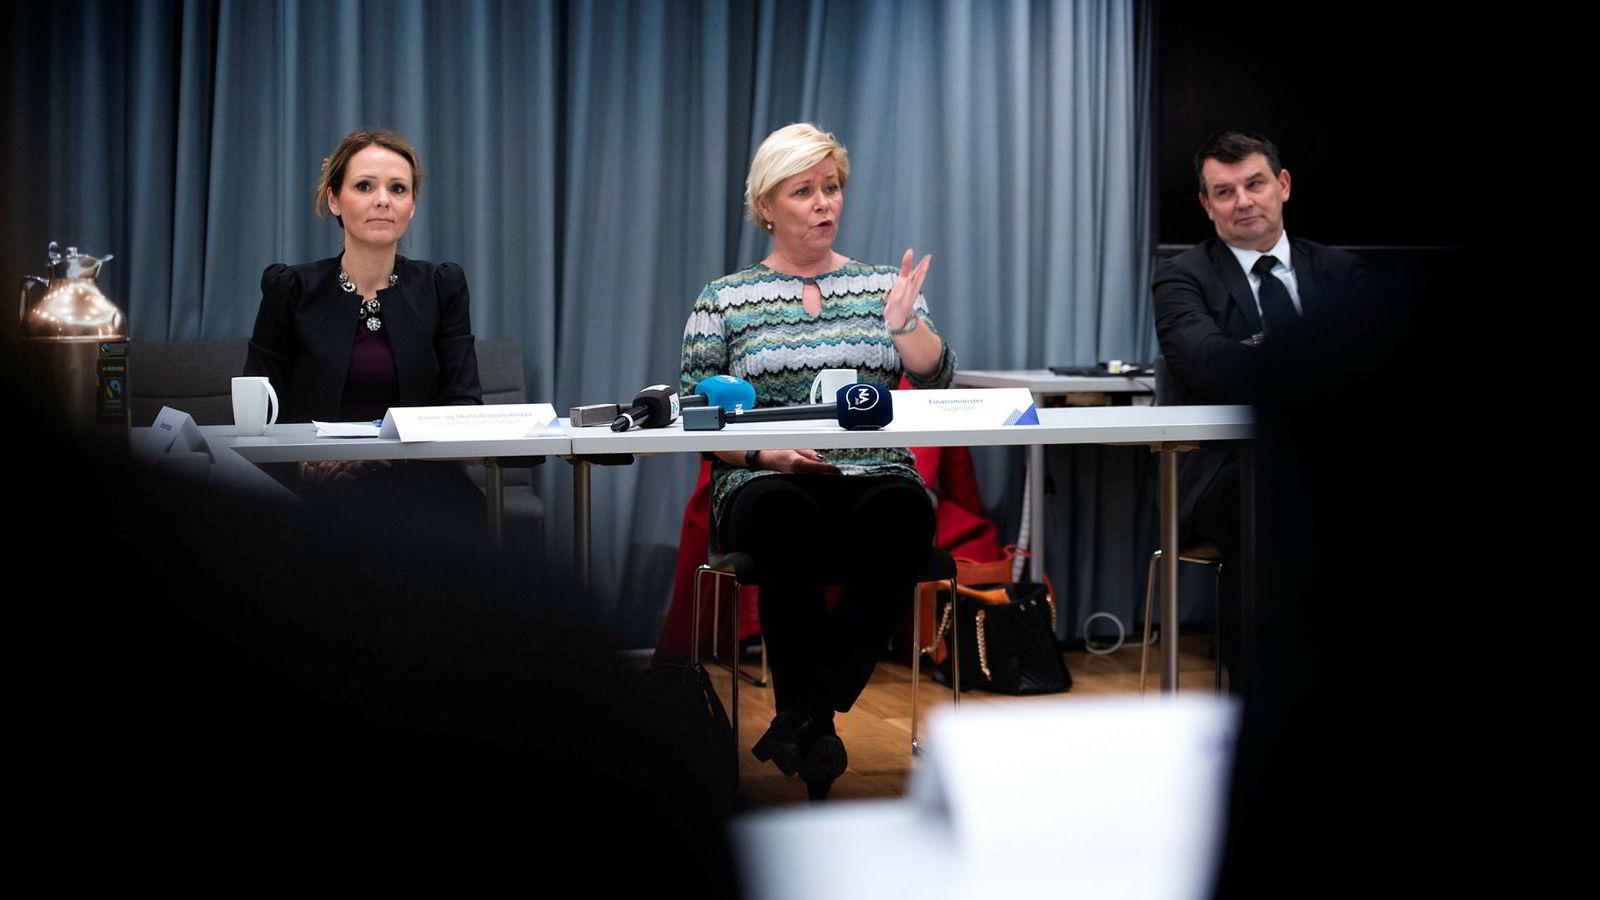 Forbrukerminister Linda Hofstad Helleland, finansminister Siv Jensen og justisminister Tor Mikkel Wara samarbeider om å følge med på forbrukslånbankene.